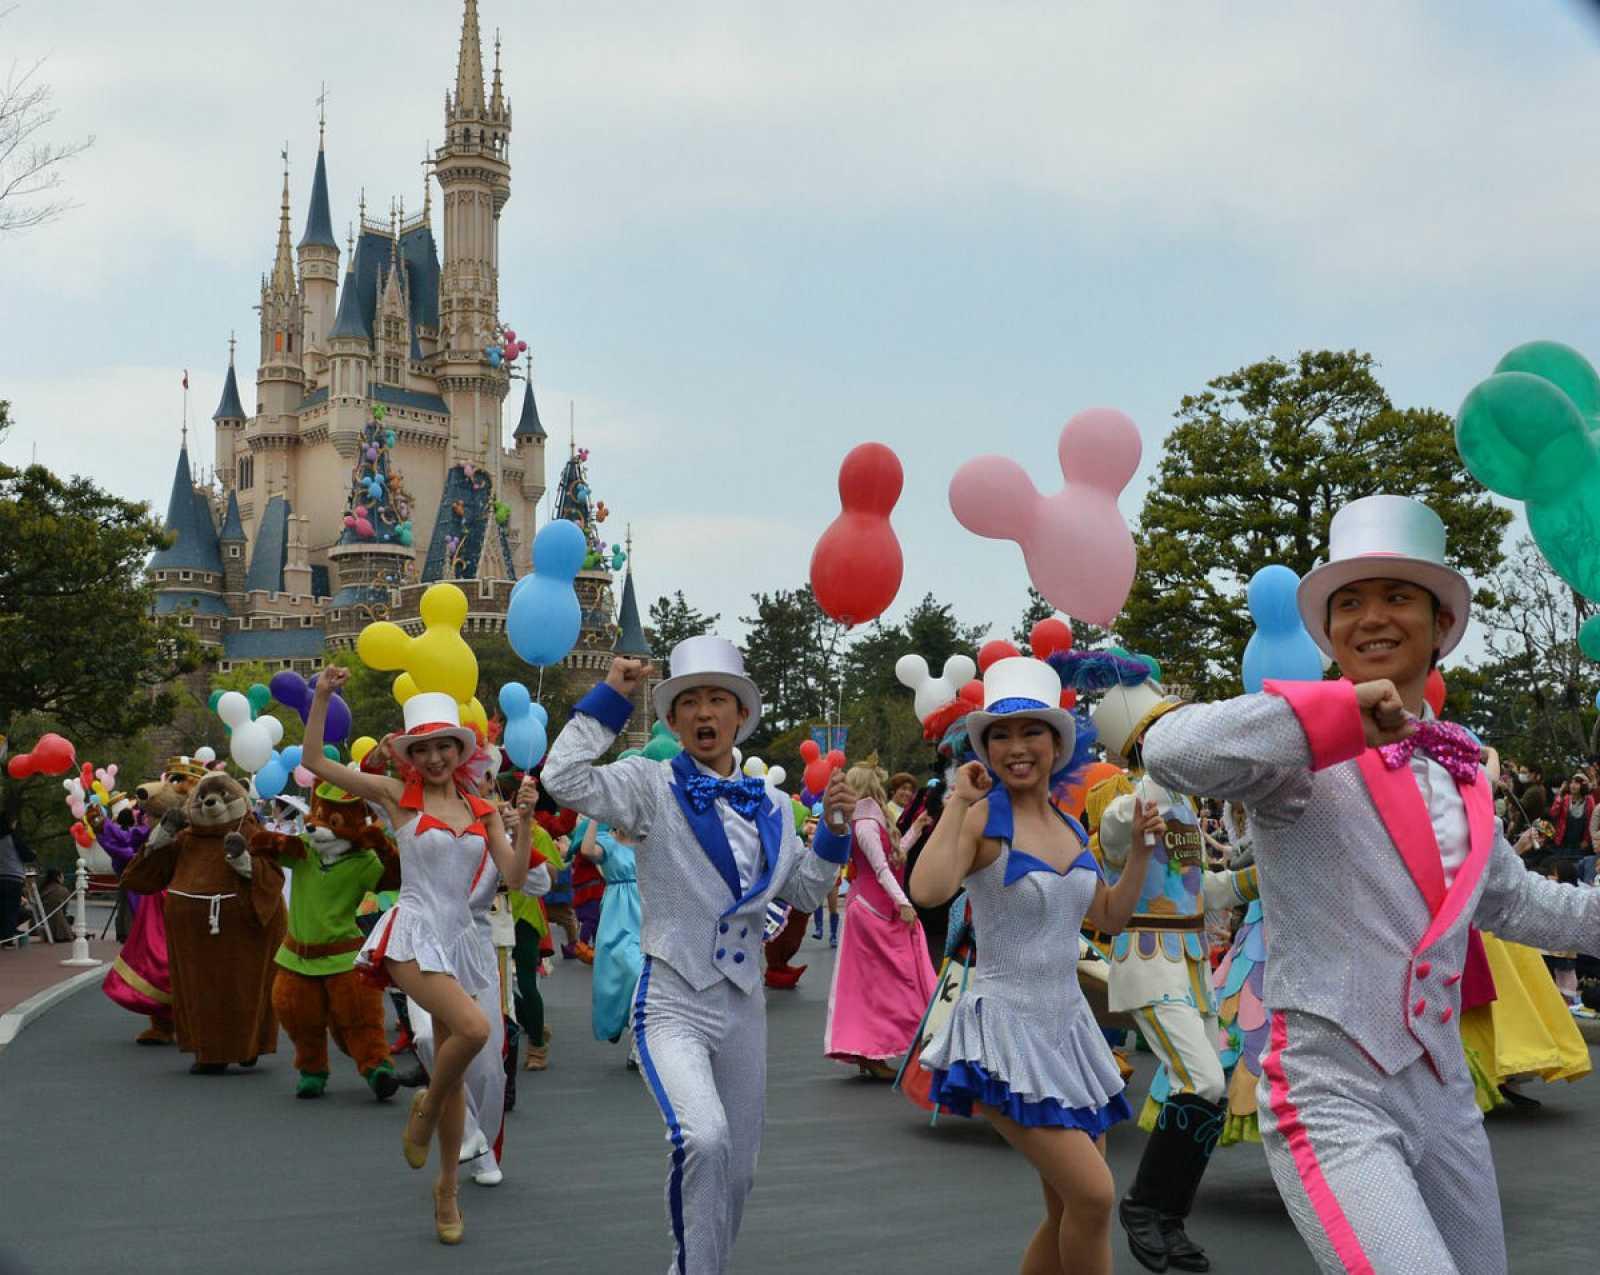 En esta imagen de archivo de 2013, personajes de la franquicia y bailarines desfilan, con el reconocido castillo al fondo.